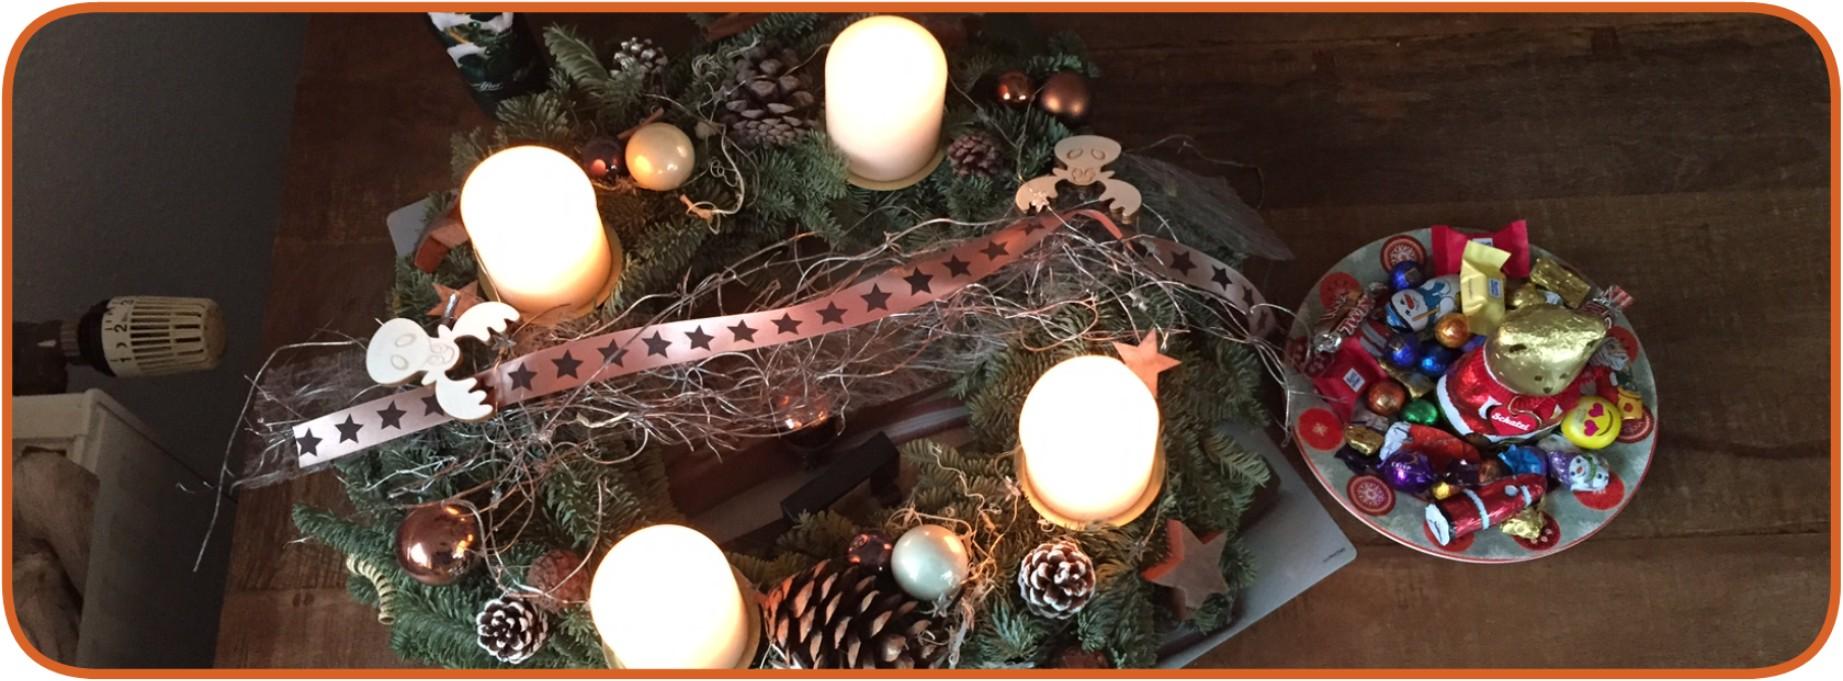 folge363_-leckerer-weihnachtsmarkt